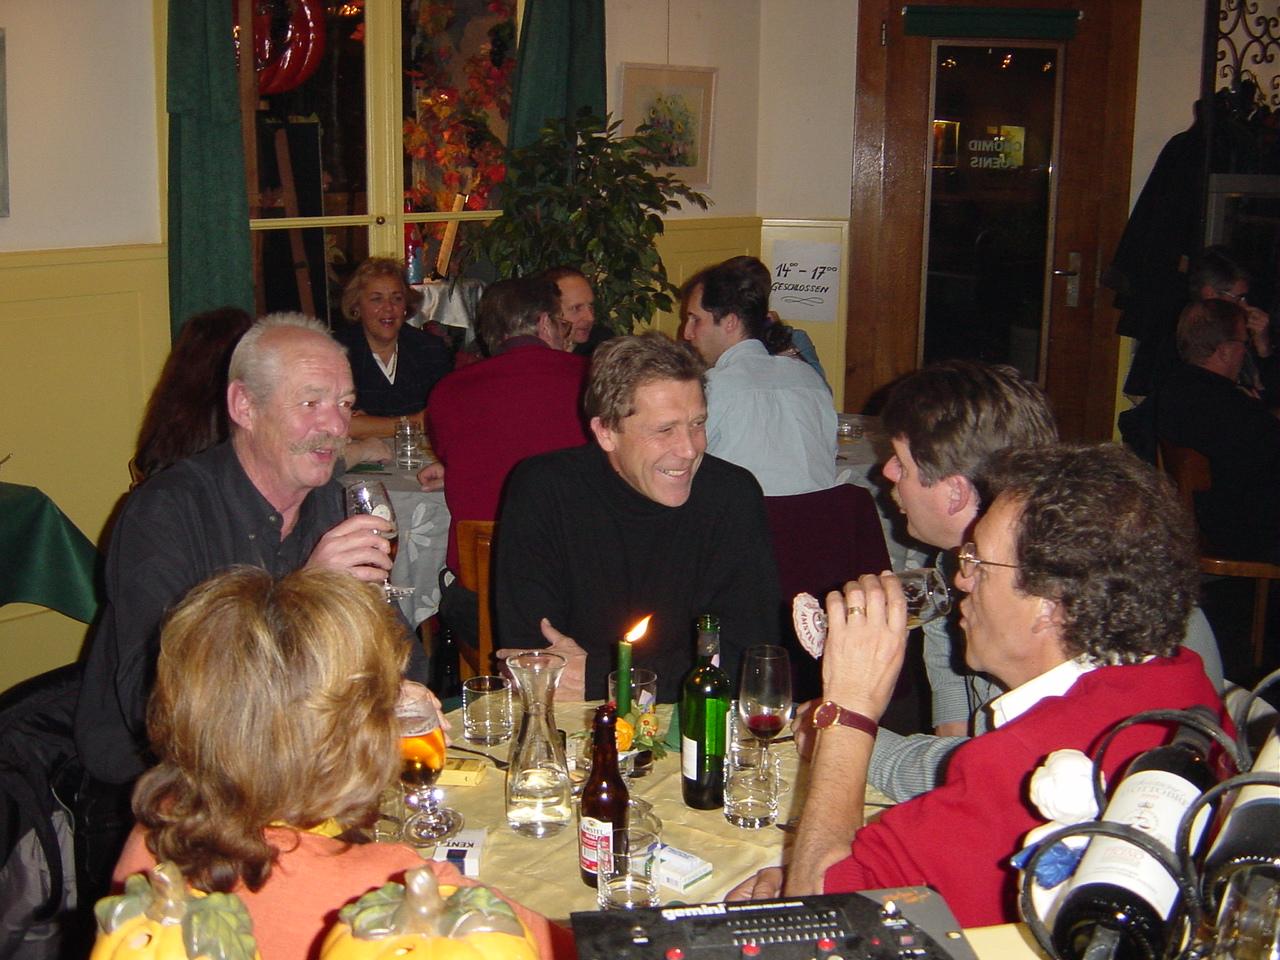 helferessen-igf-2001-03